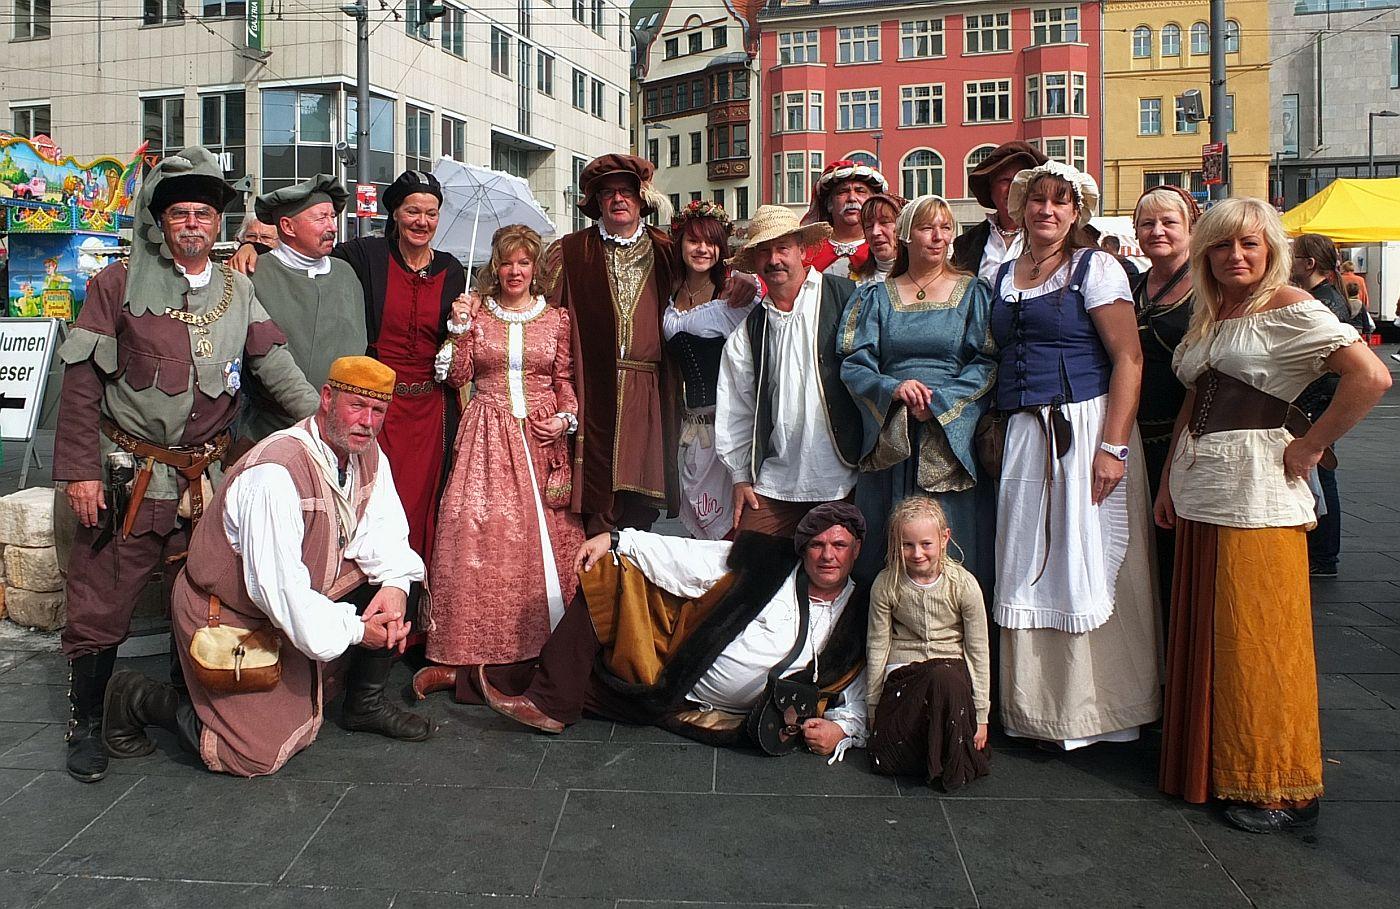 Salzfest in Halle 2013 - Gruppe Quinta-X-Essentia und Hanseverein e.V.